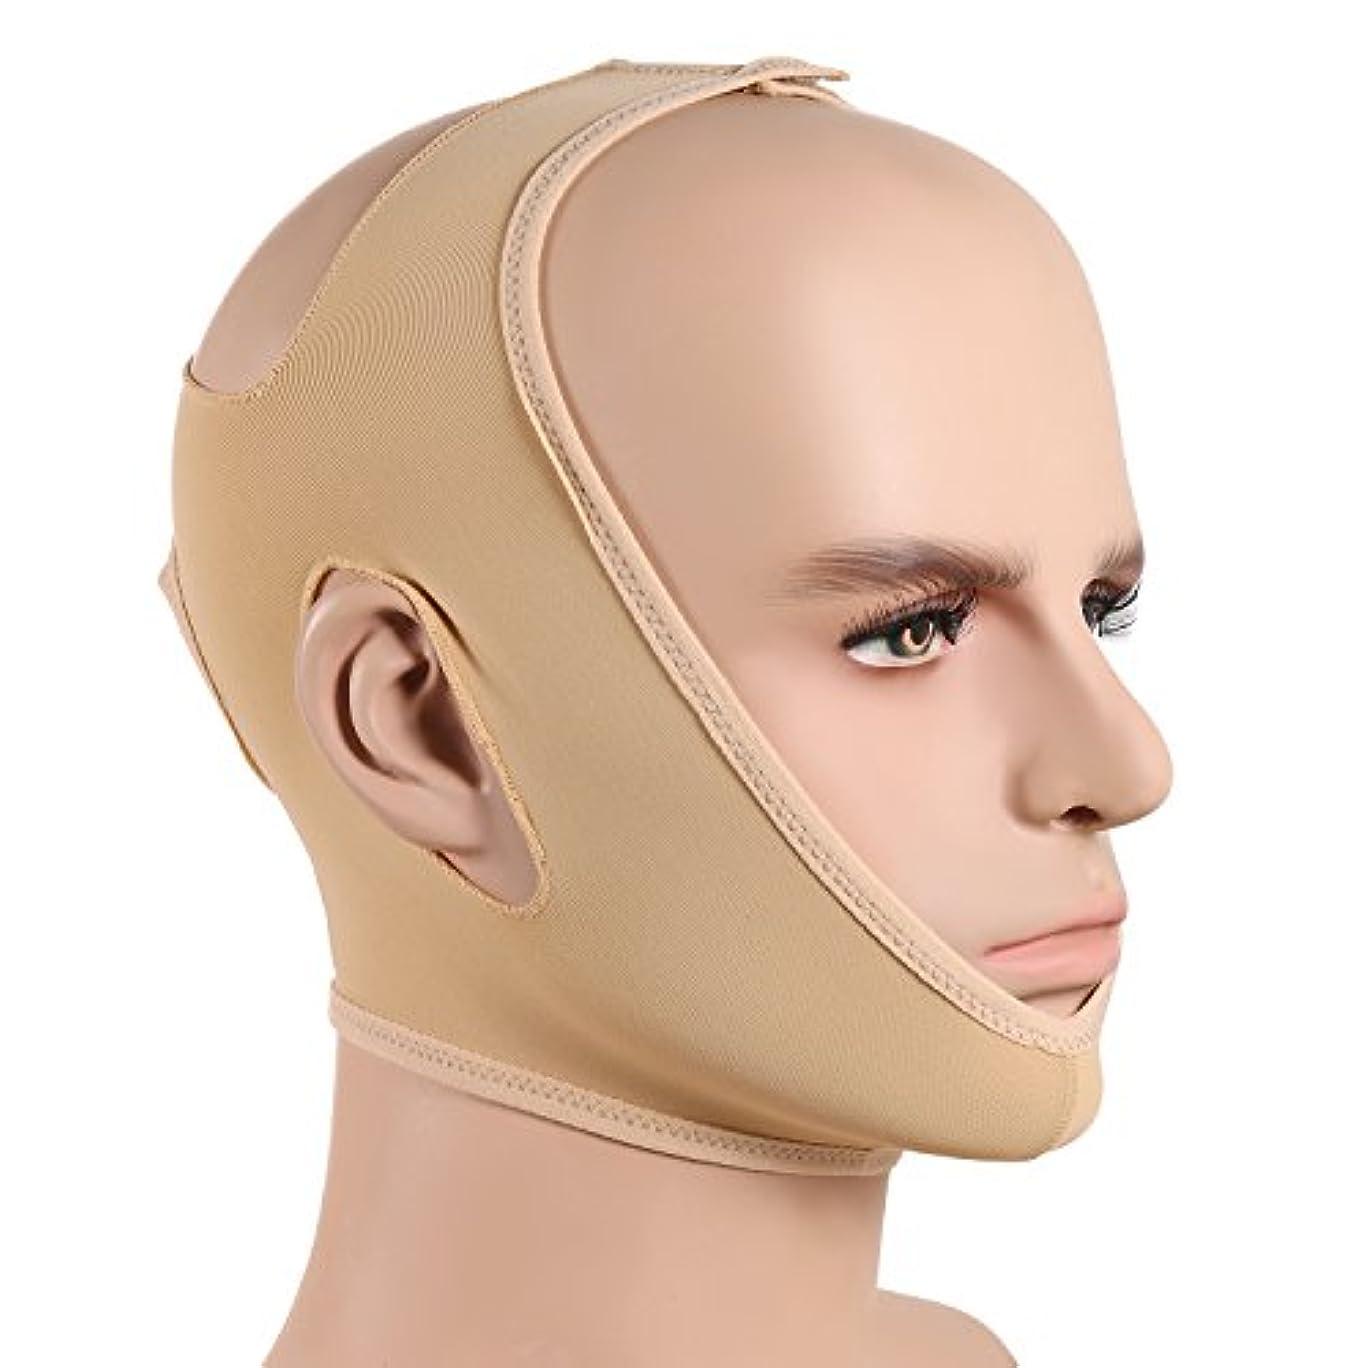 何もない透過性おとなしいJewelryWe 小顔ベルト 美顔マスク 眠りながら 小顔 矯正 額、顎下、頬リフトアップ 小顔マスク 男女兼用 Lサイズ